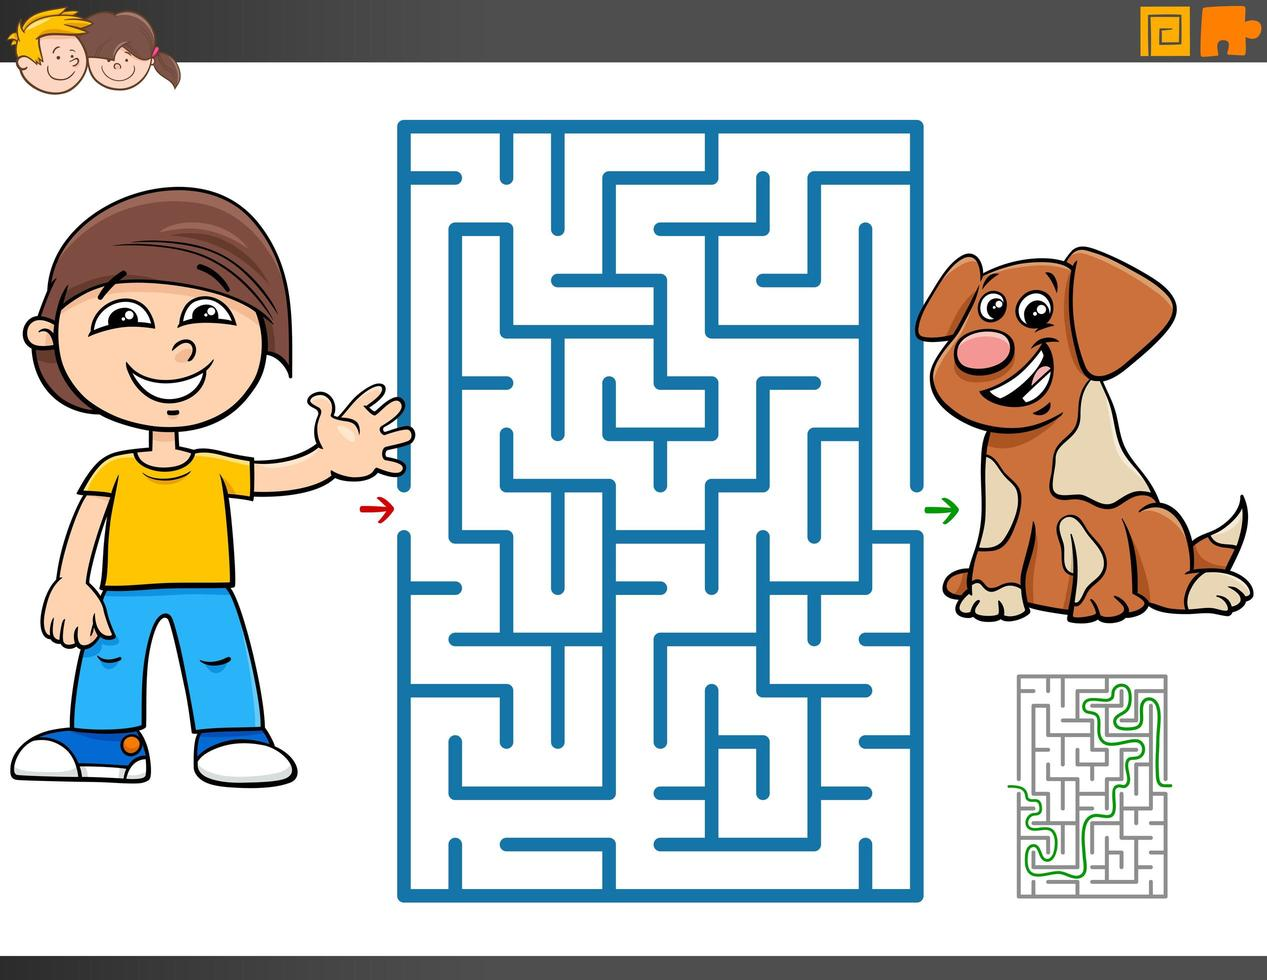 gioco del labirinto con cartone animato ragazzo e cucciolo vettore